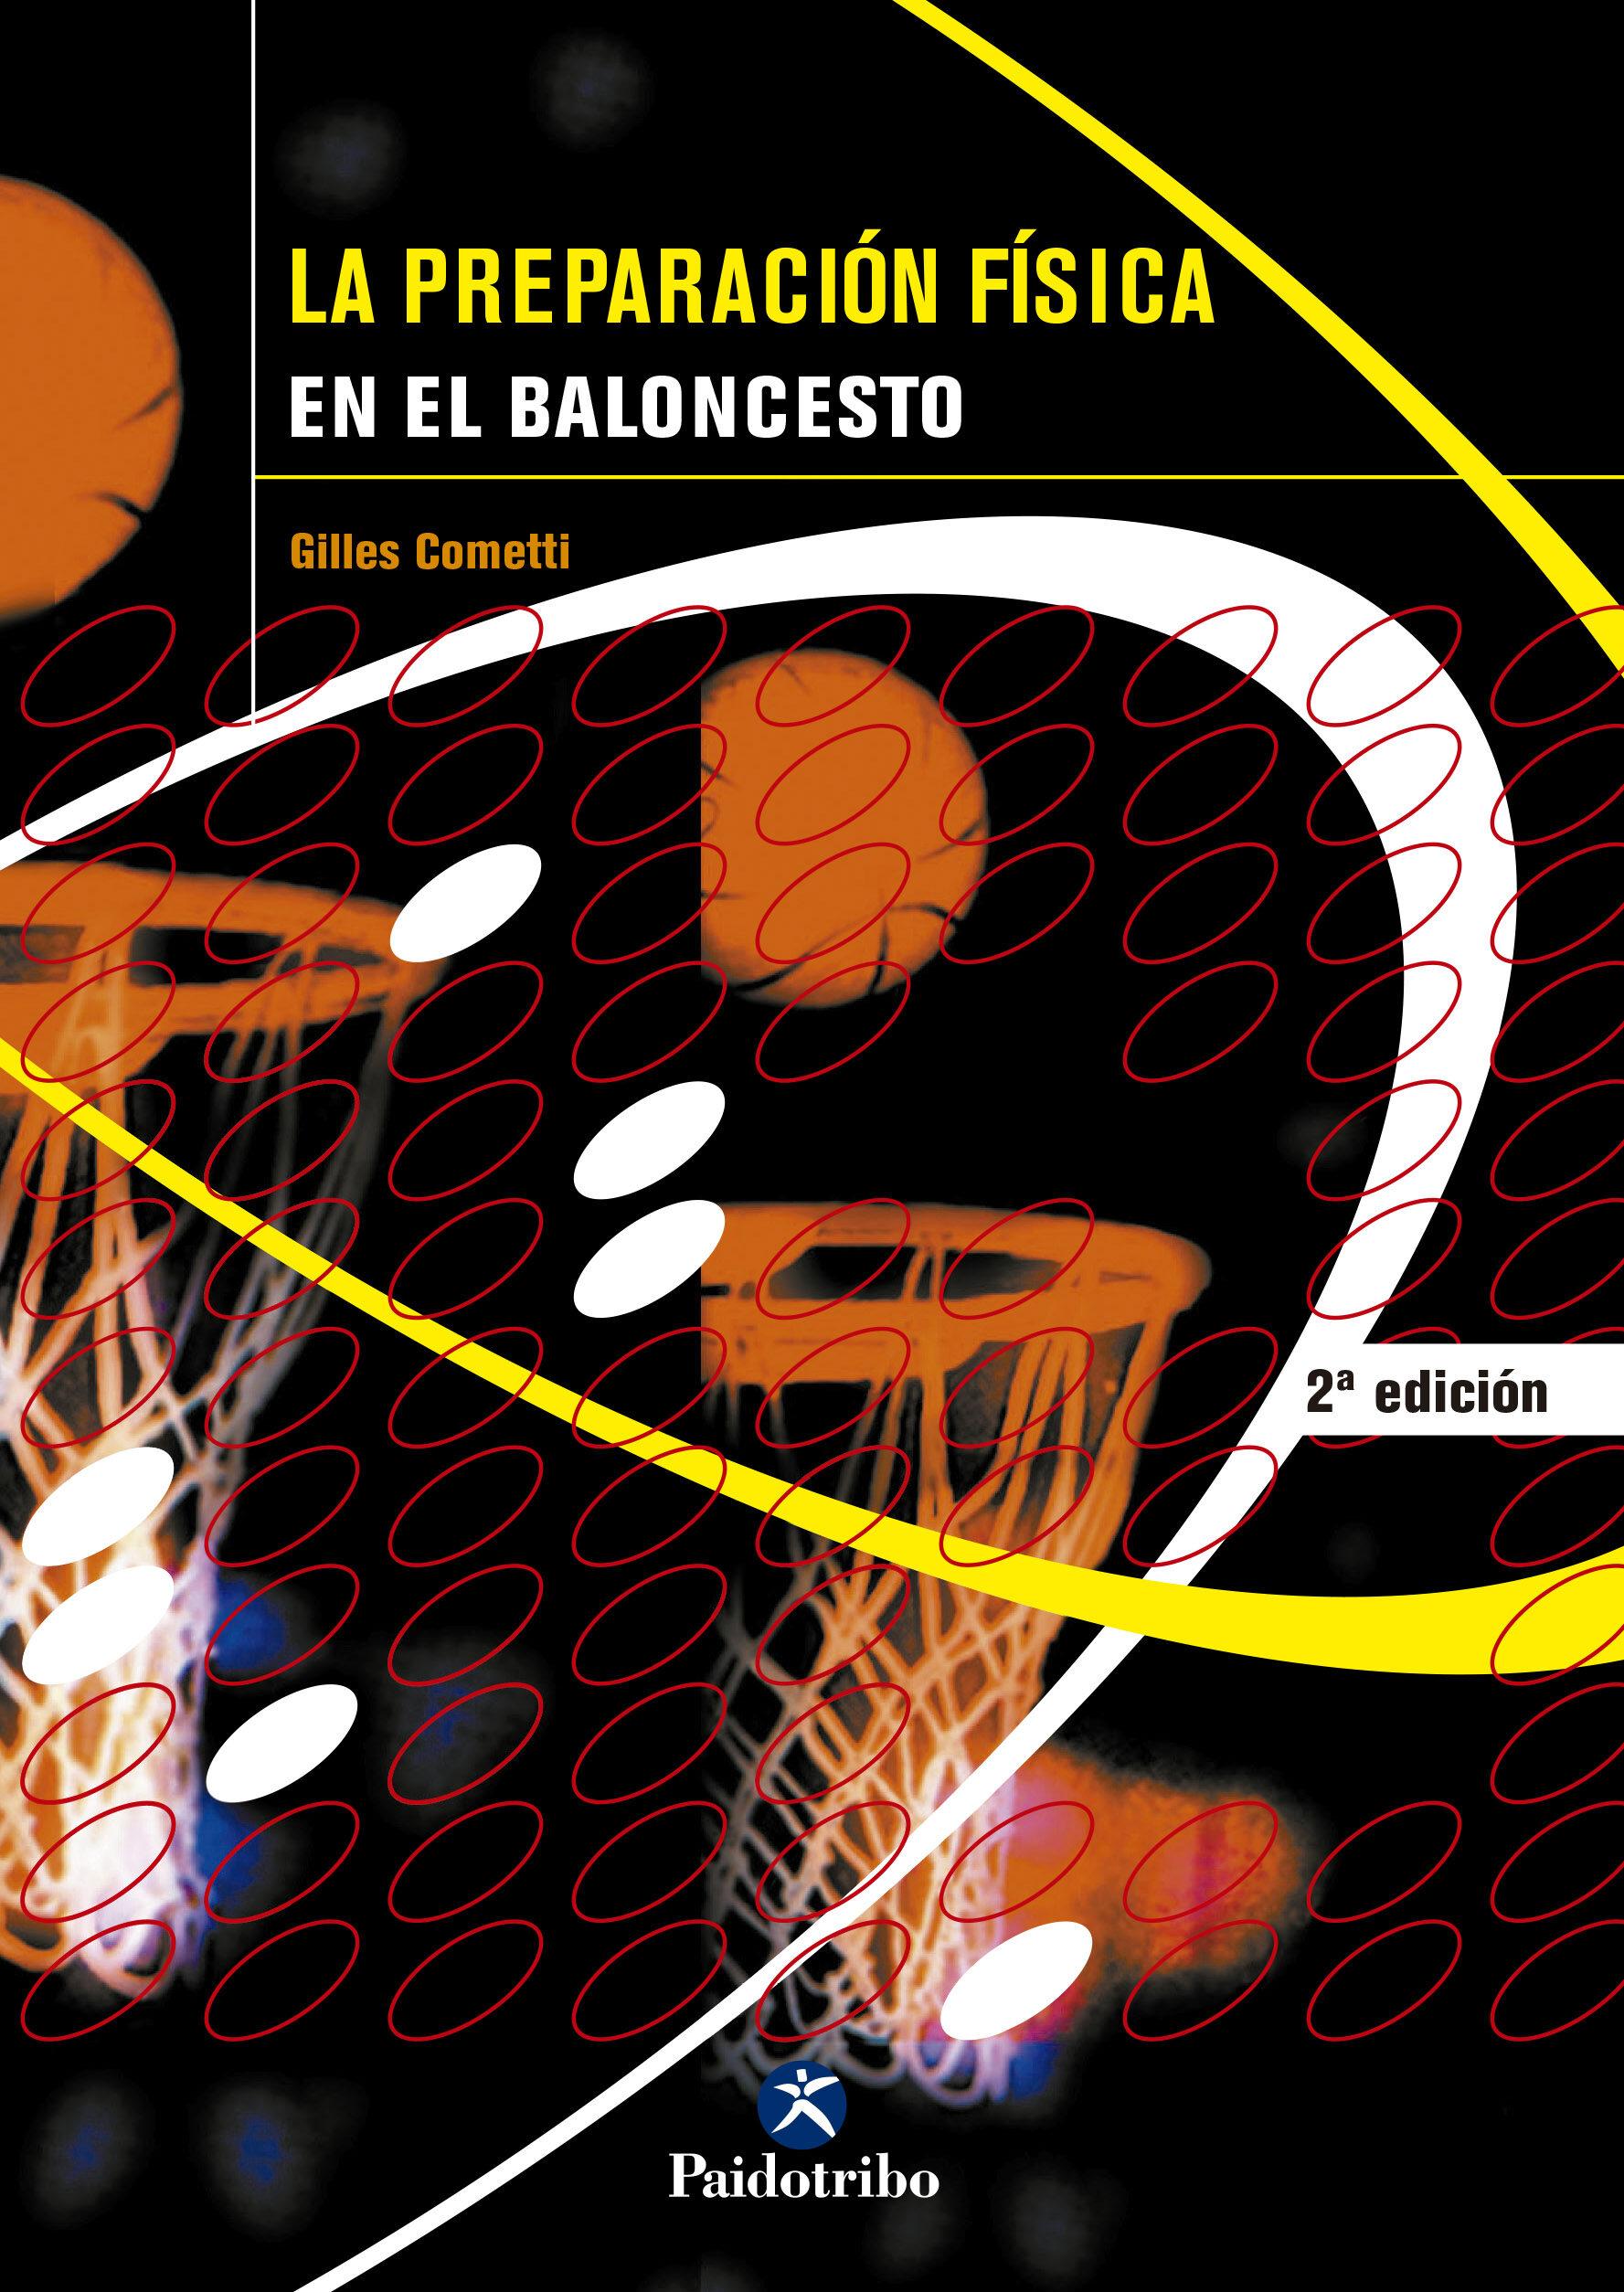 La Preparacion Fisica En El Baloncesto por Gilles Cometti